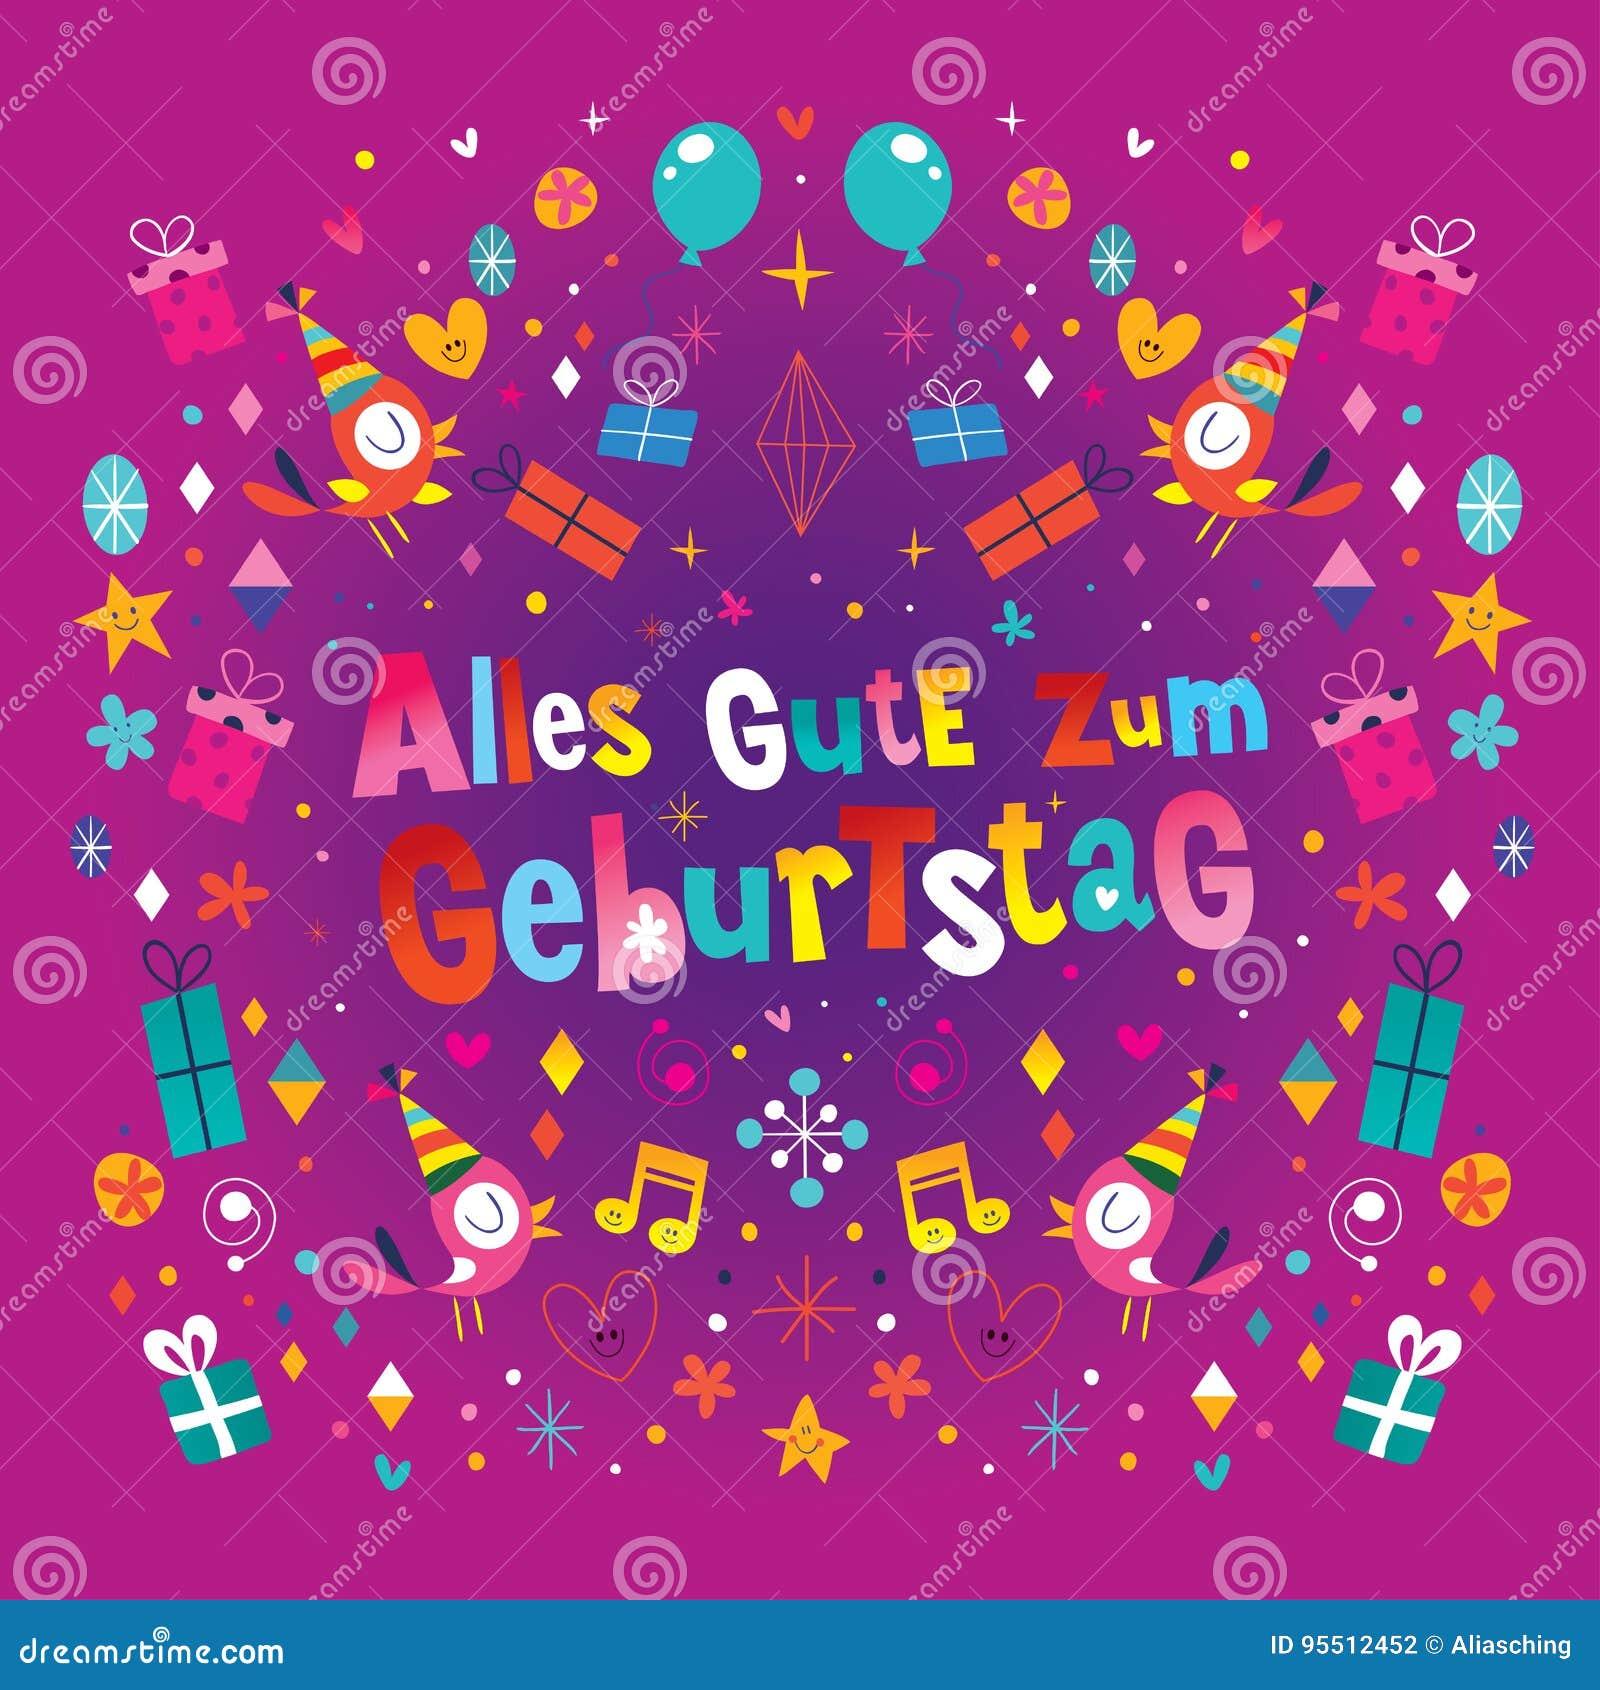 De Duitse Gelukkige Verjaardag Van Allesgute Zum Geburtstag